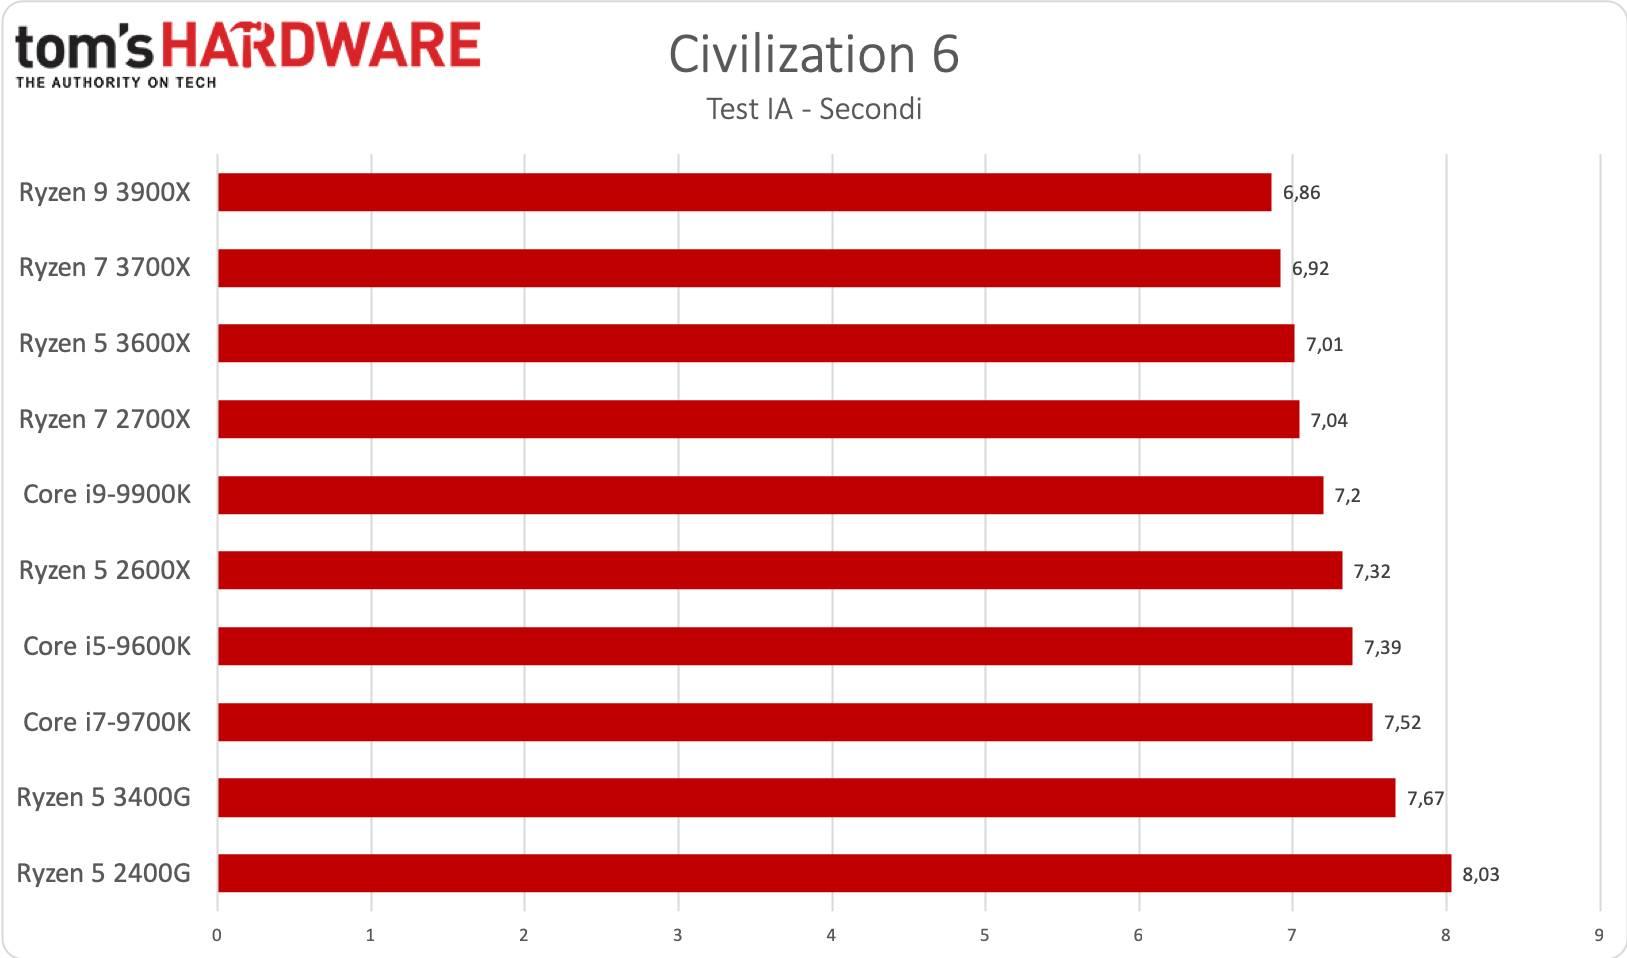 Ryzen 5 3400G - Civilization 6